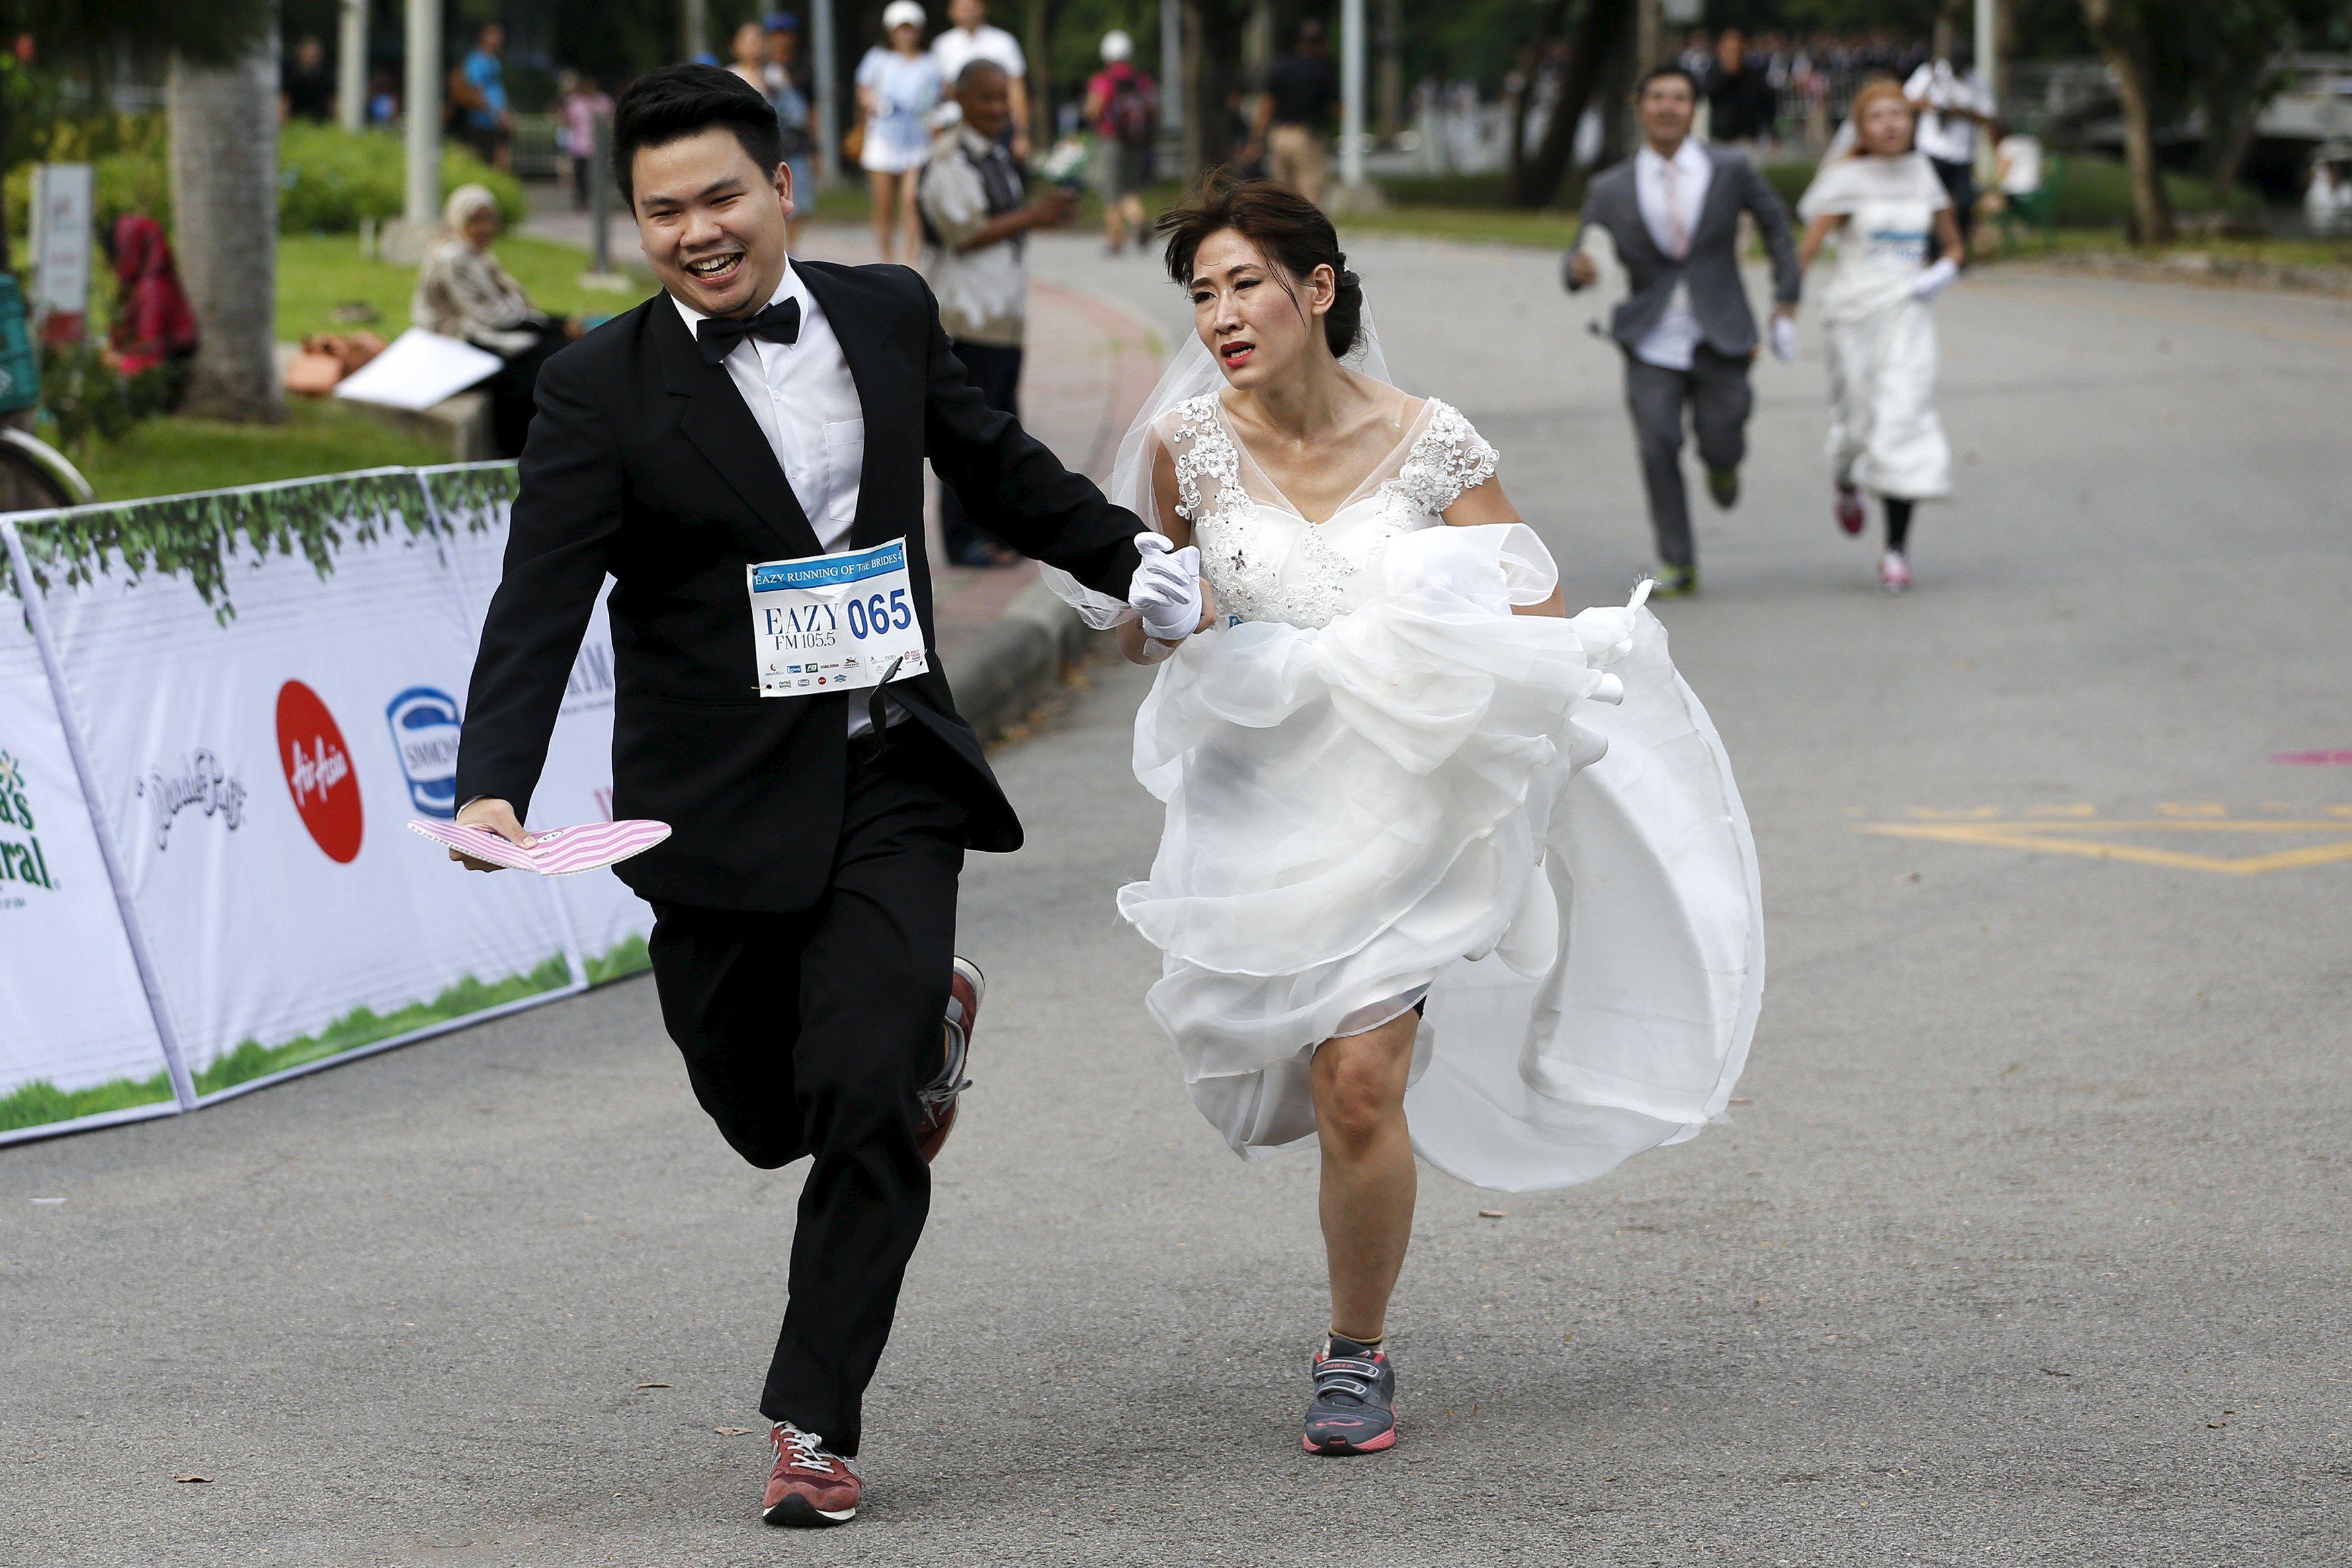 Noivos participam de corrida na Tailândia